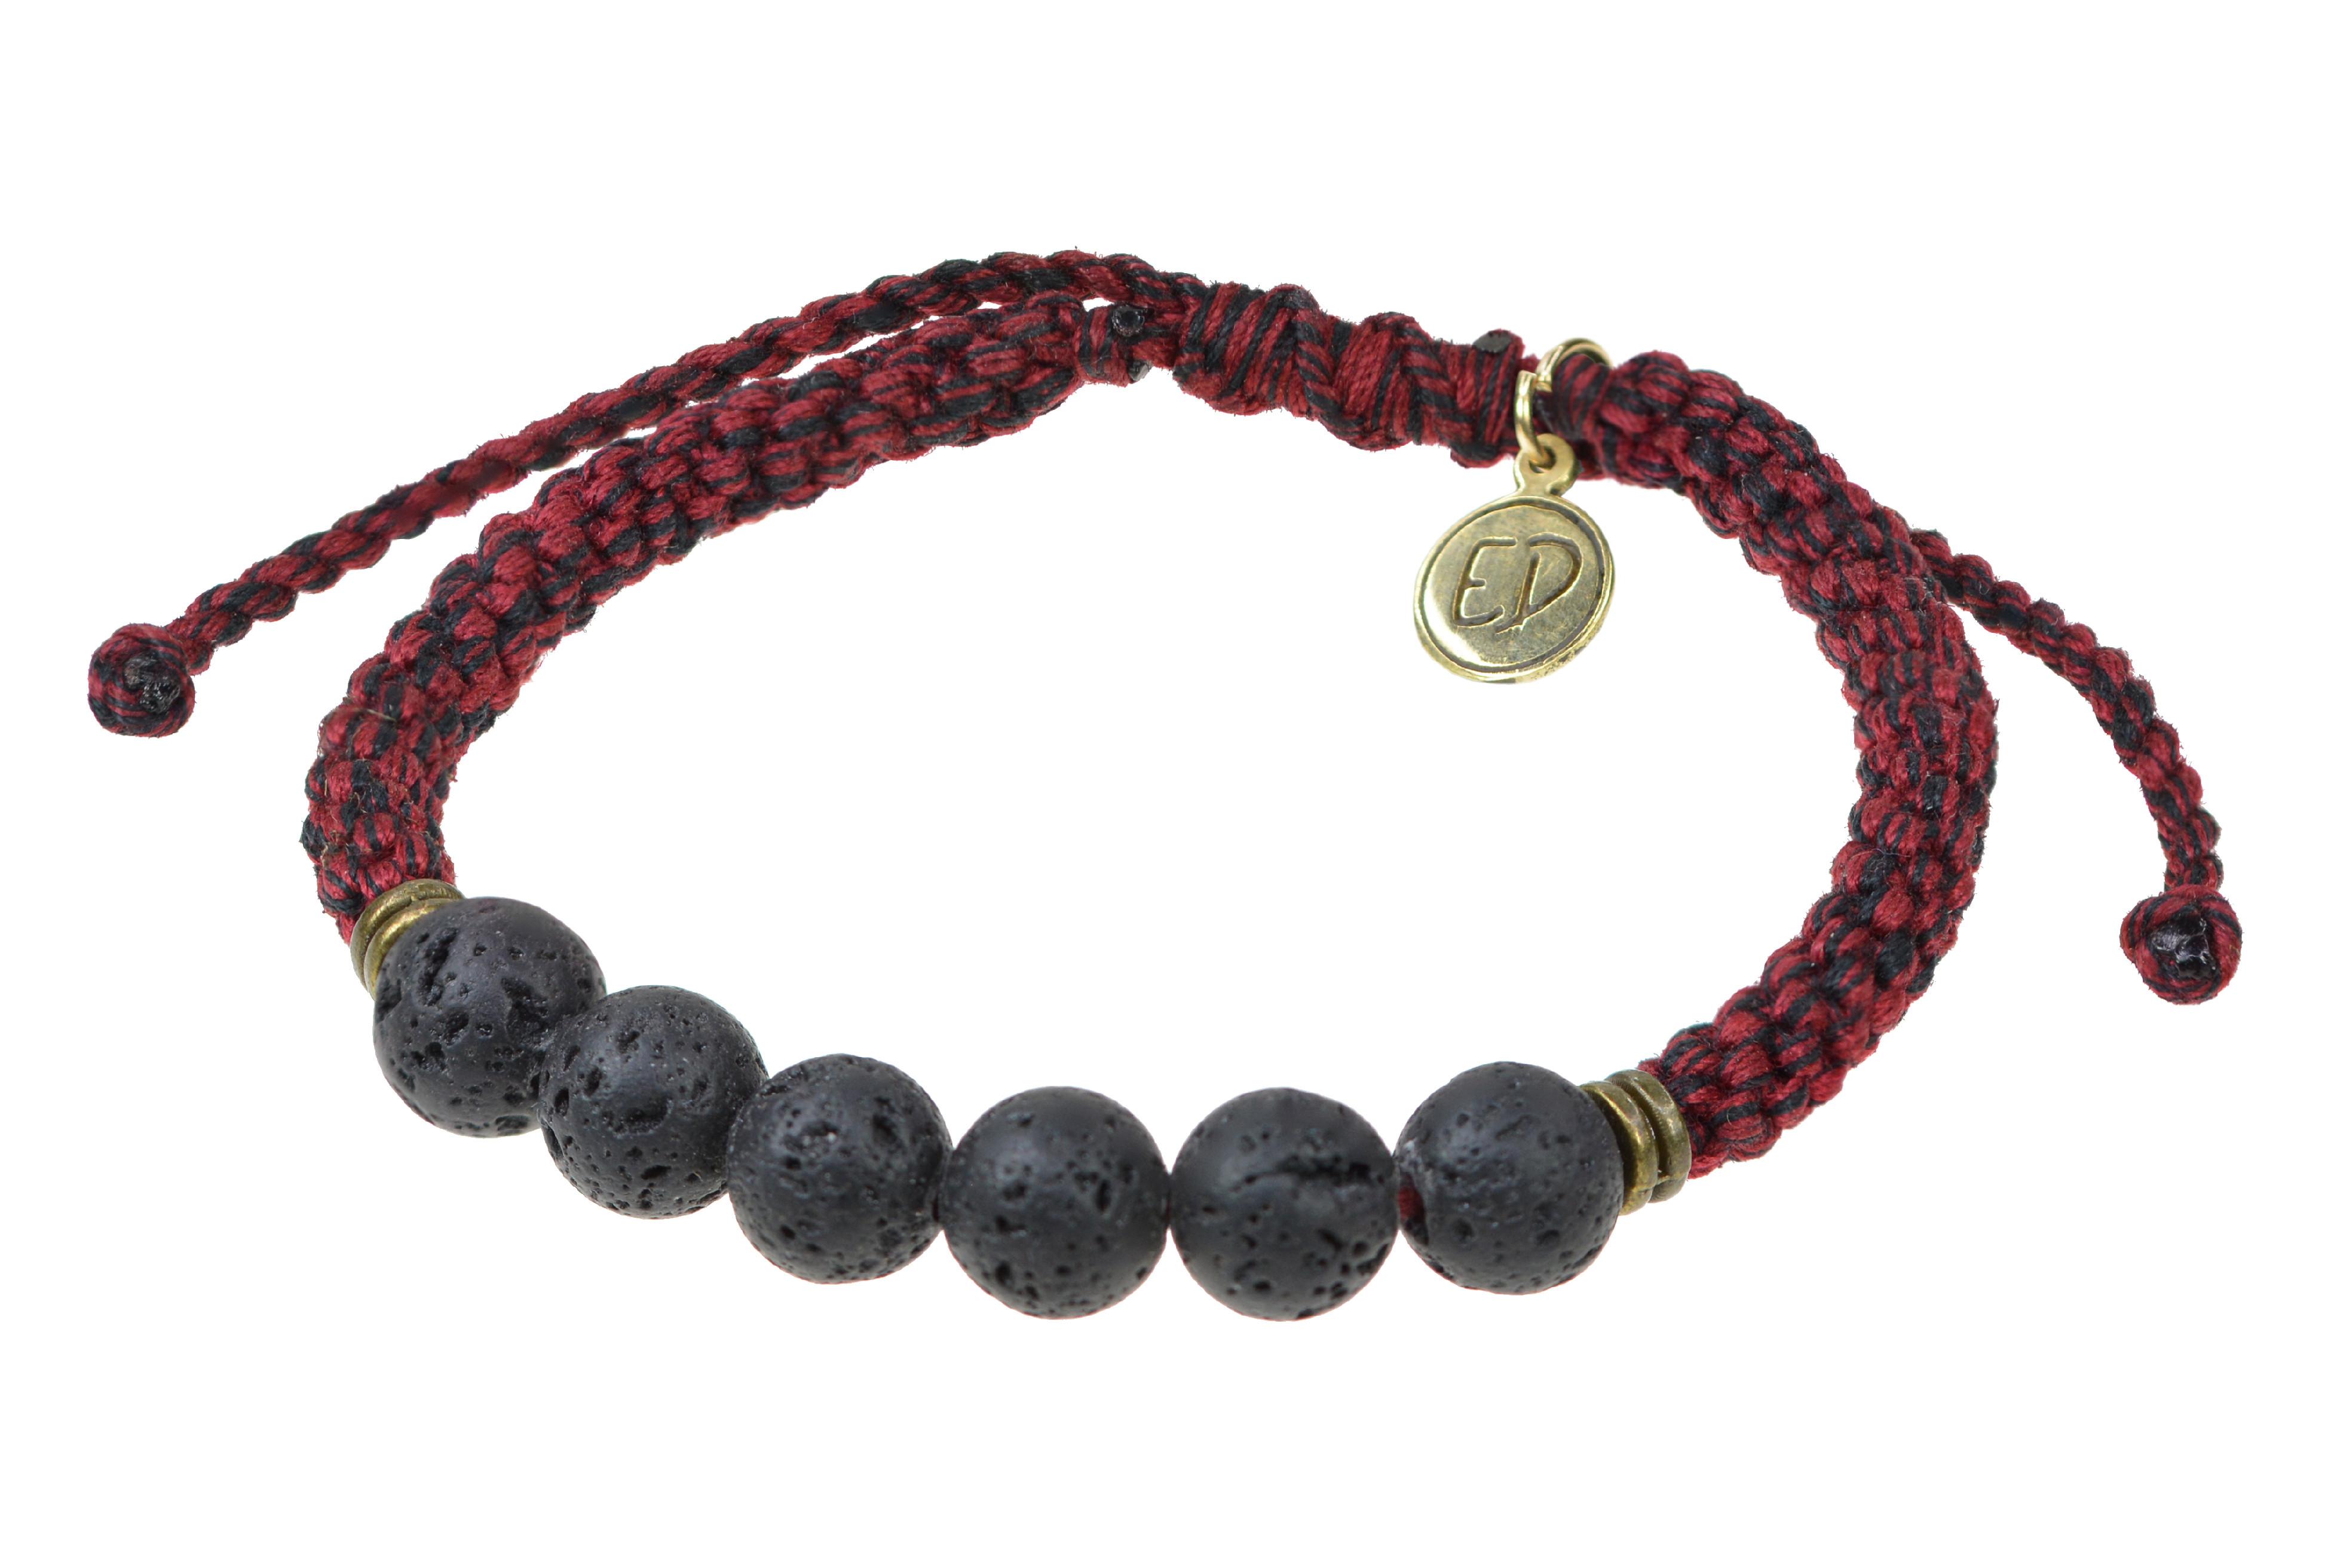 Pánsky pletený náramok s lávovými kameňmi - červený